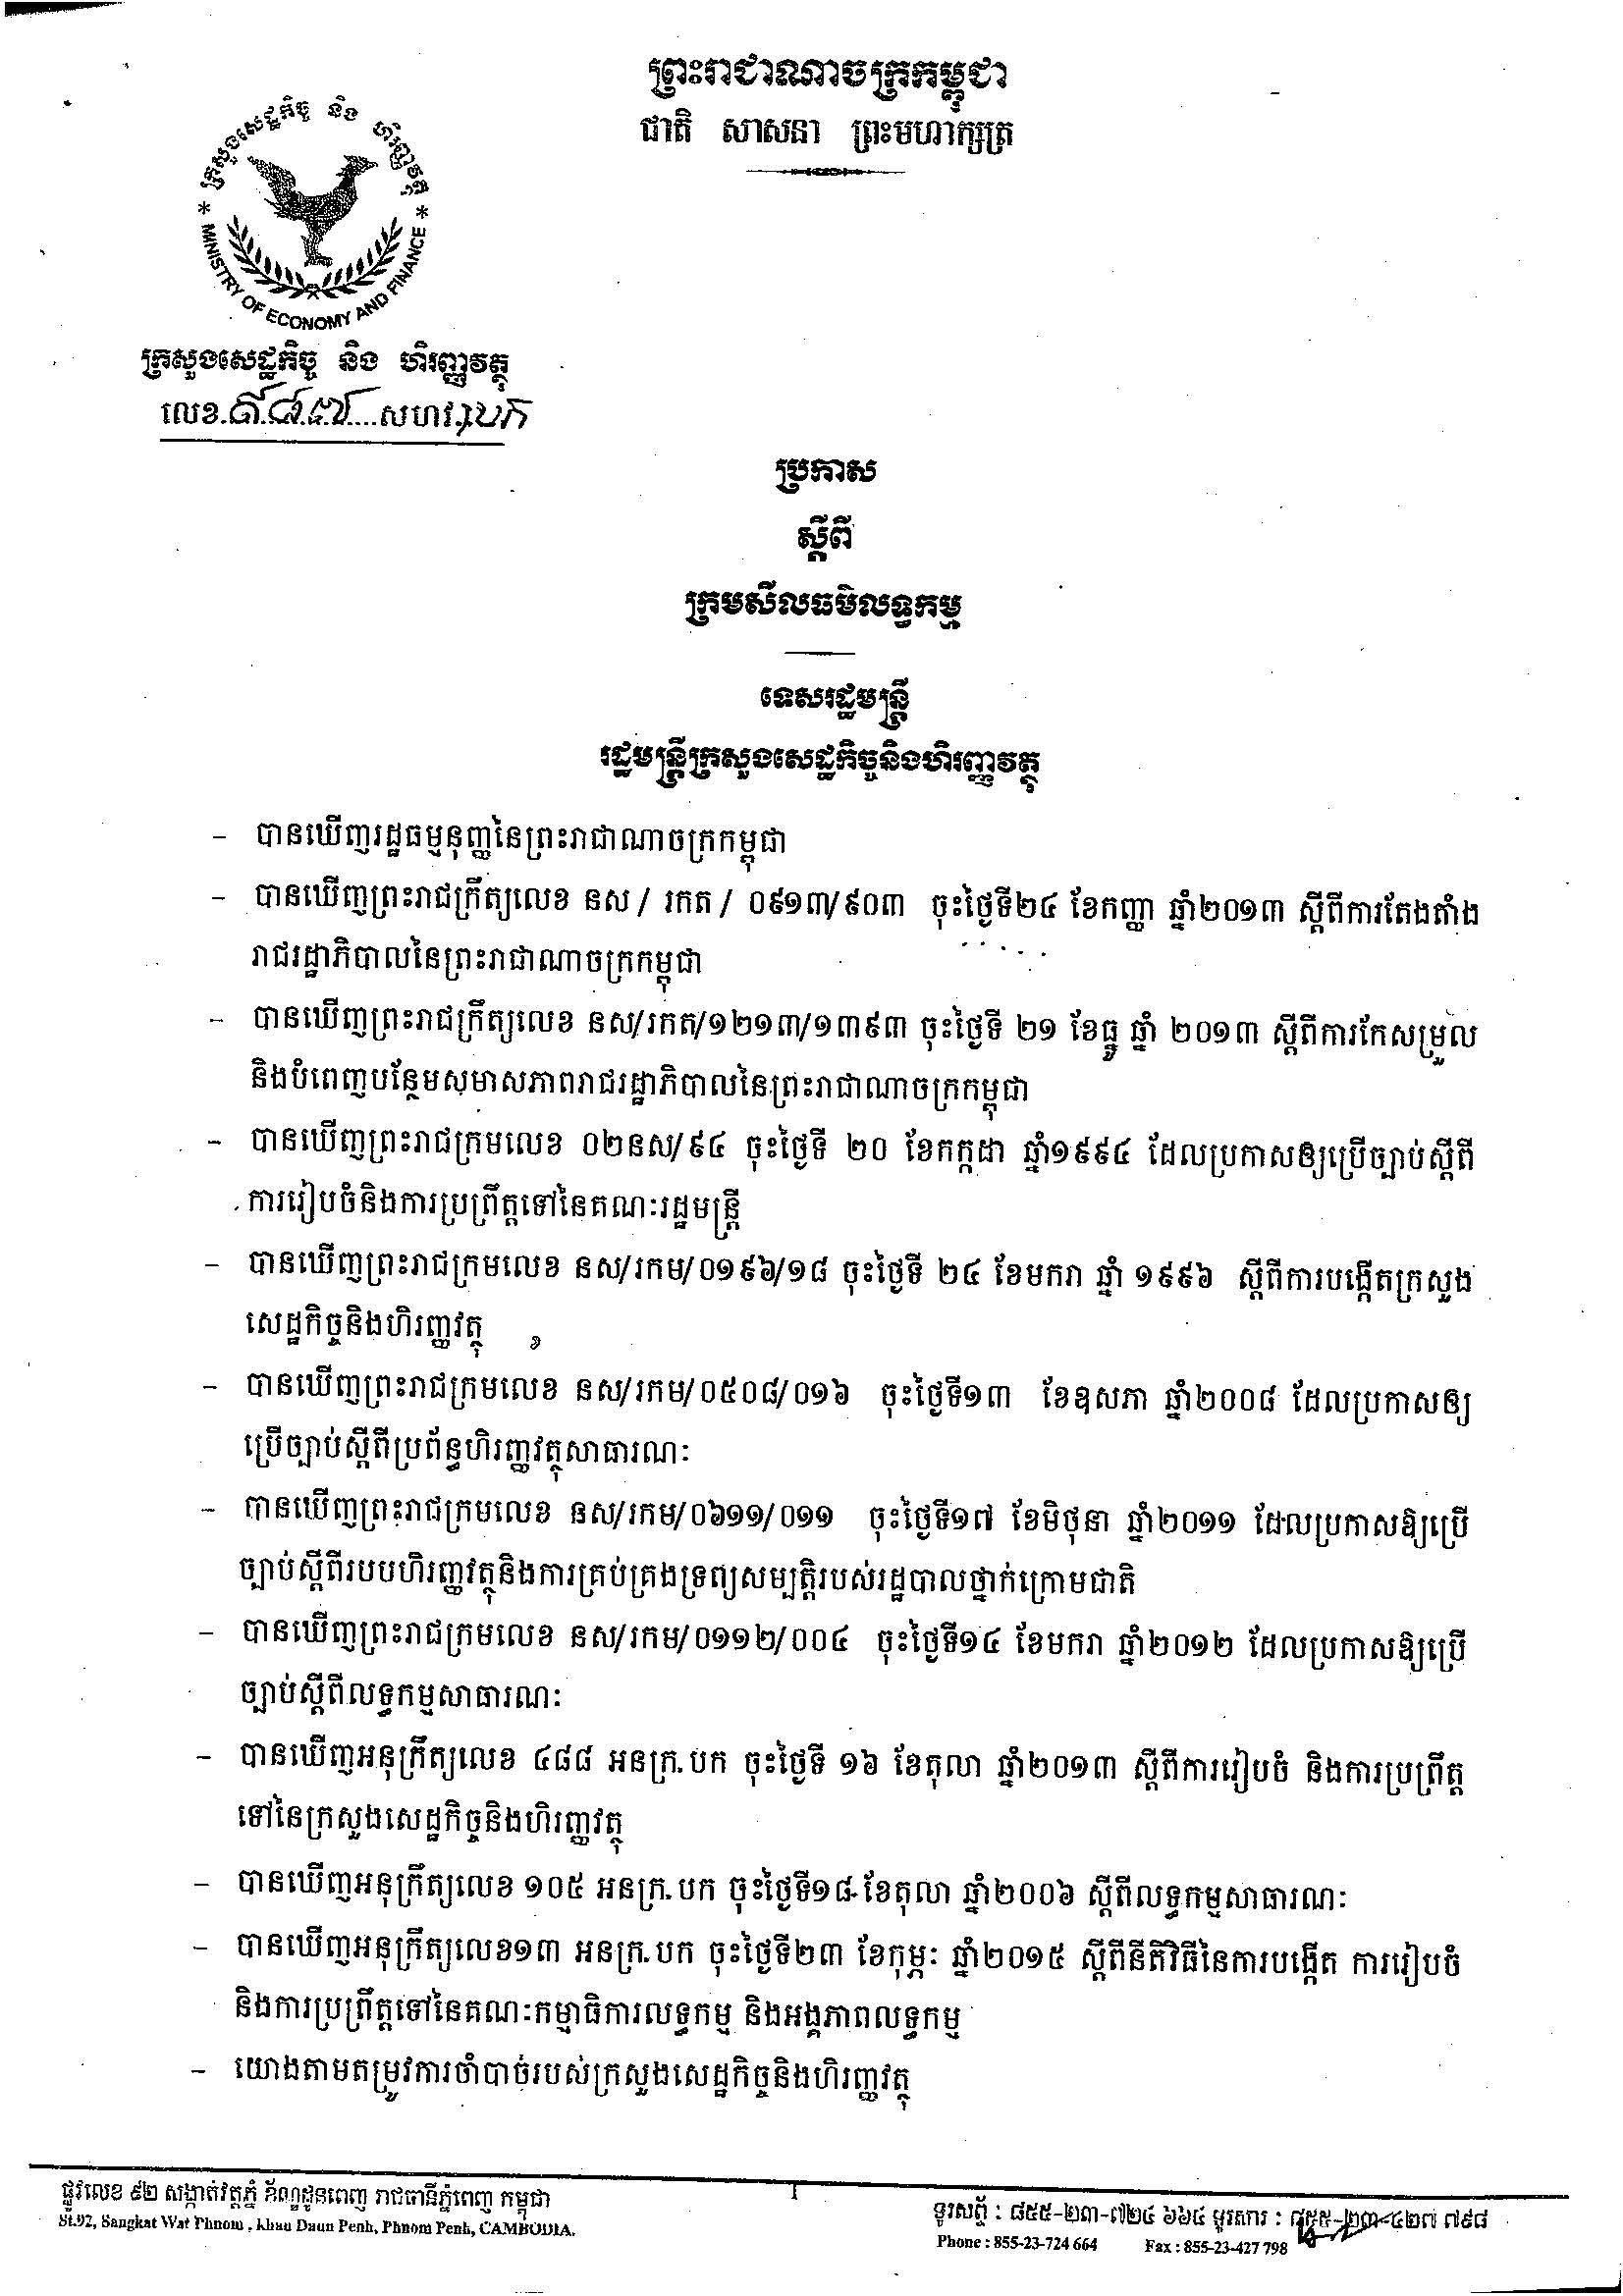 ប្រកាសស្ដីពីក្រមសីលធ៌មលទ្ធកម្ម1_Page_1.jpg